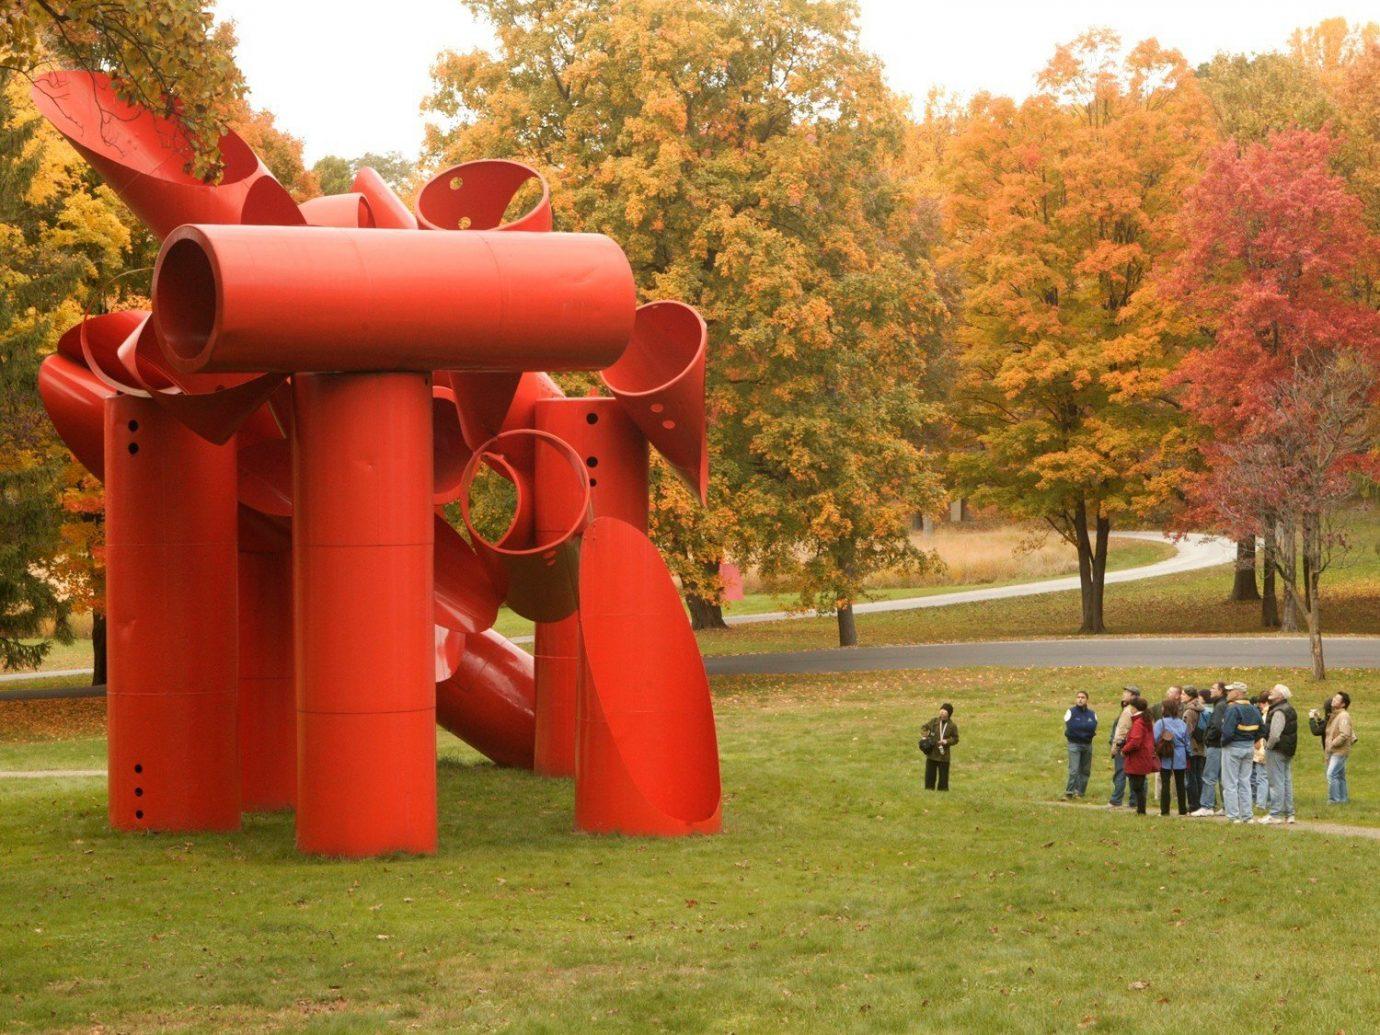 An art sculpture in Beacon New York